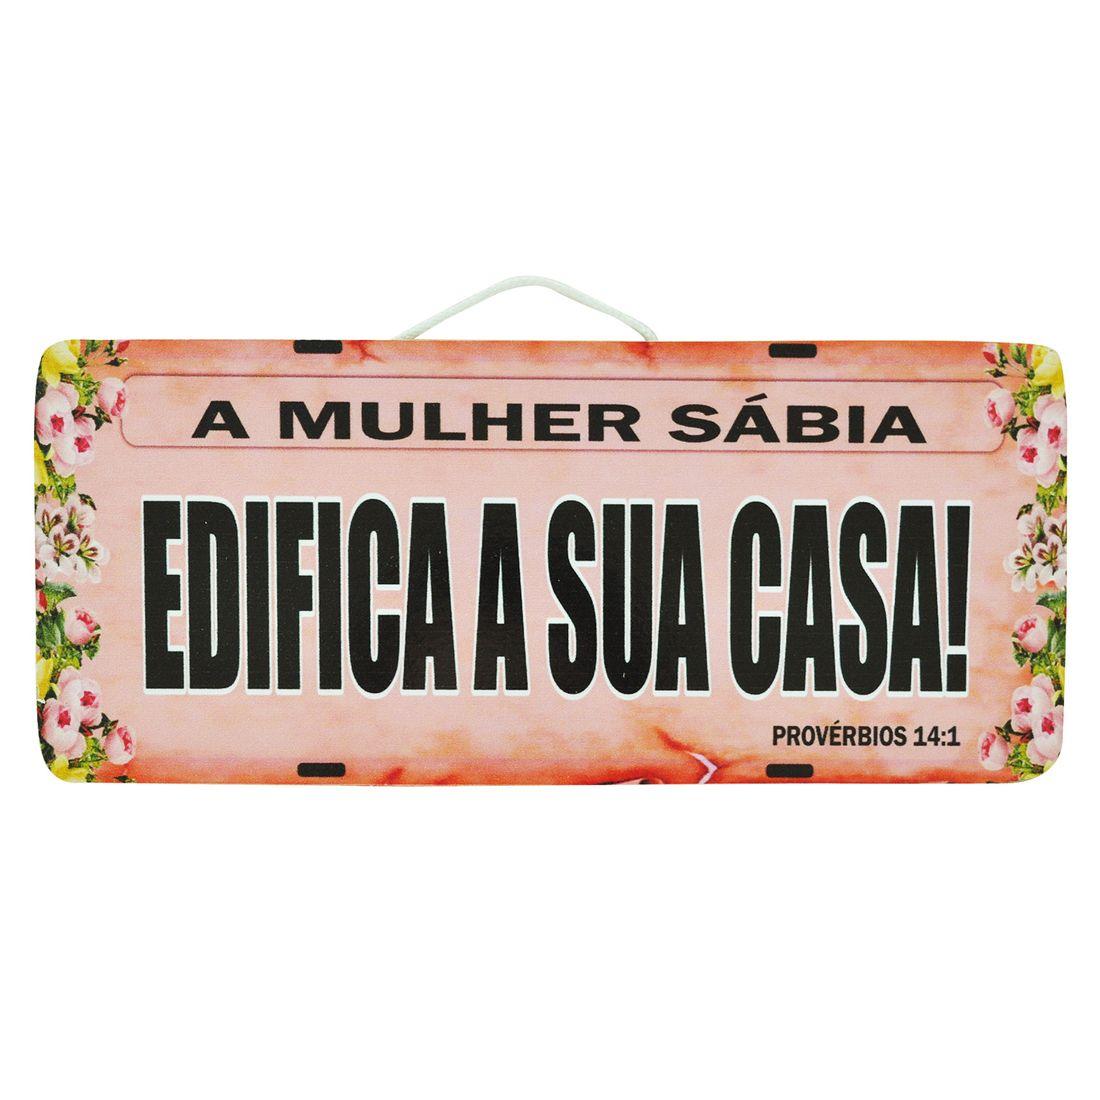 PLACA_CARRO_A_MULHER_SABIA_EDIFICA_A_SUA_CASA_MDF_FRENTE